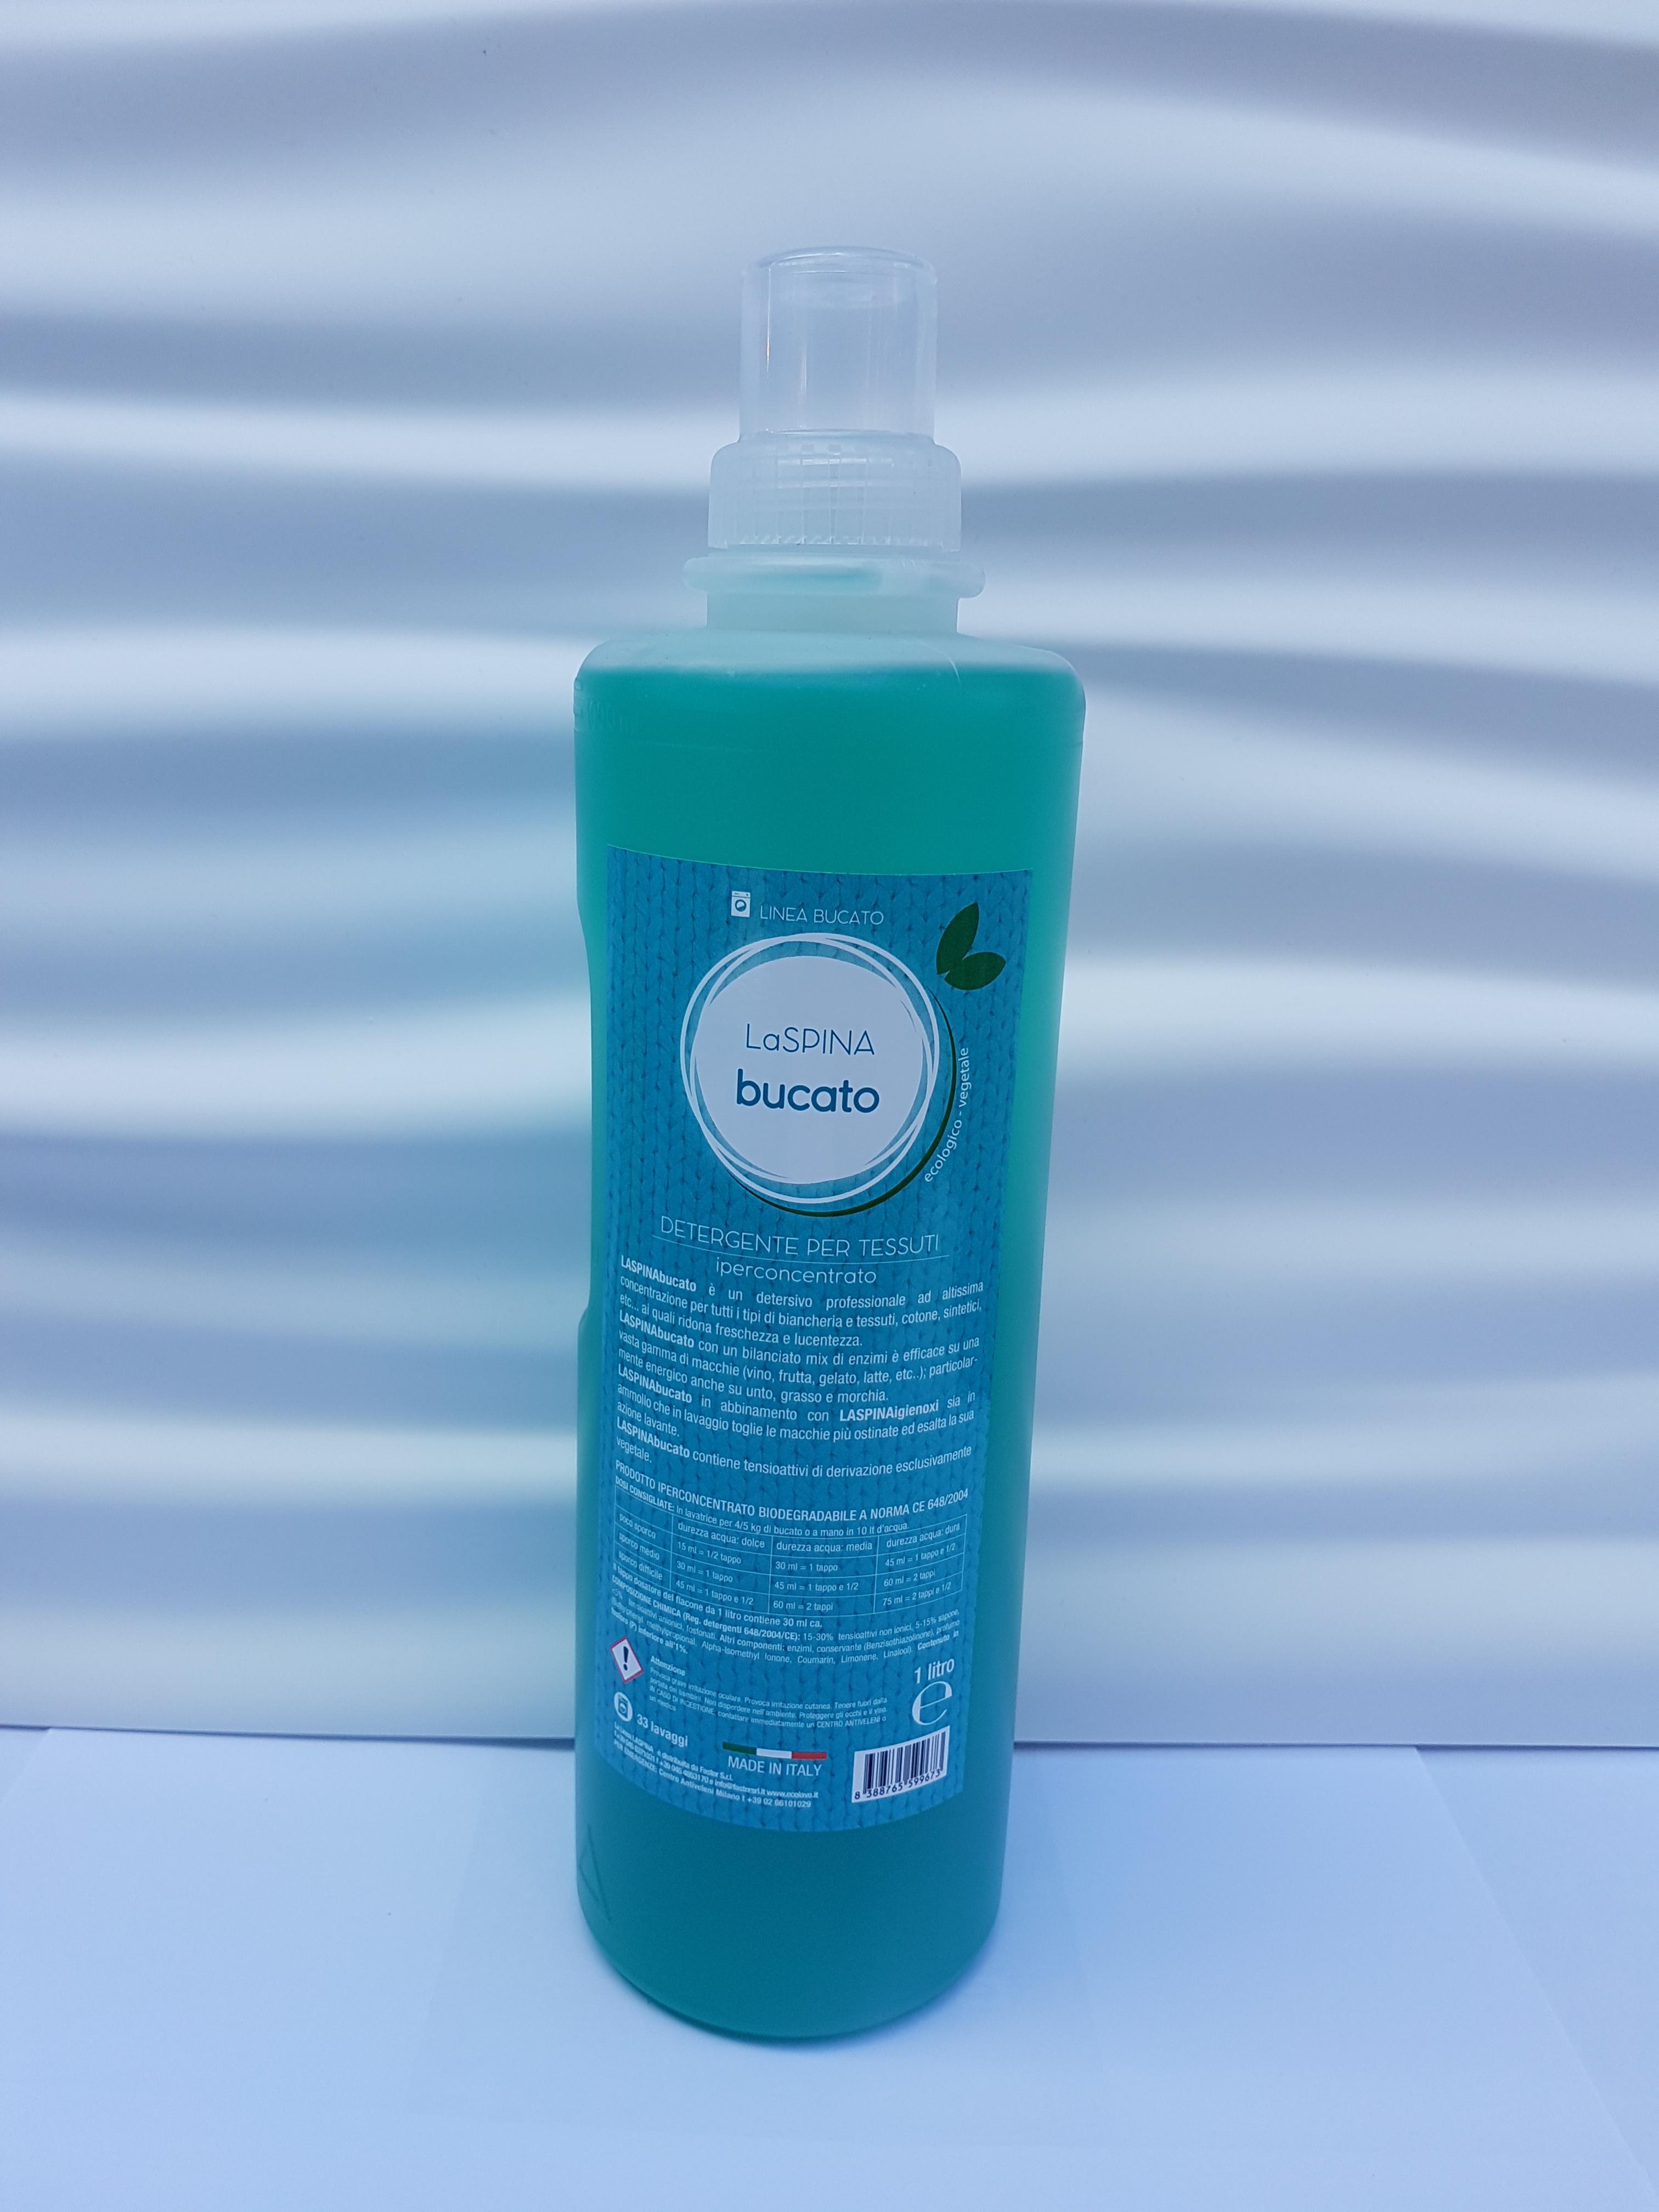 Detergente Iperconcentrato per Tessuti 1lt LaSpina Bucato